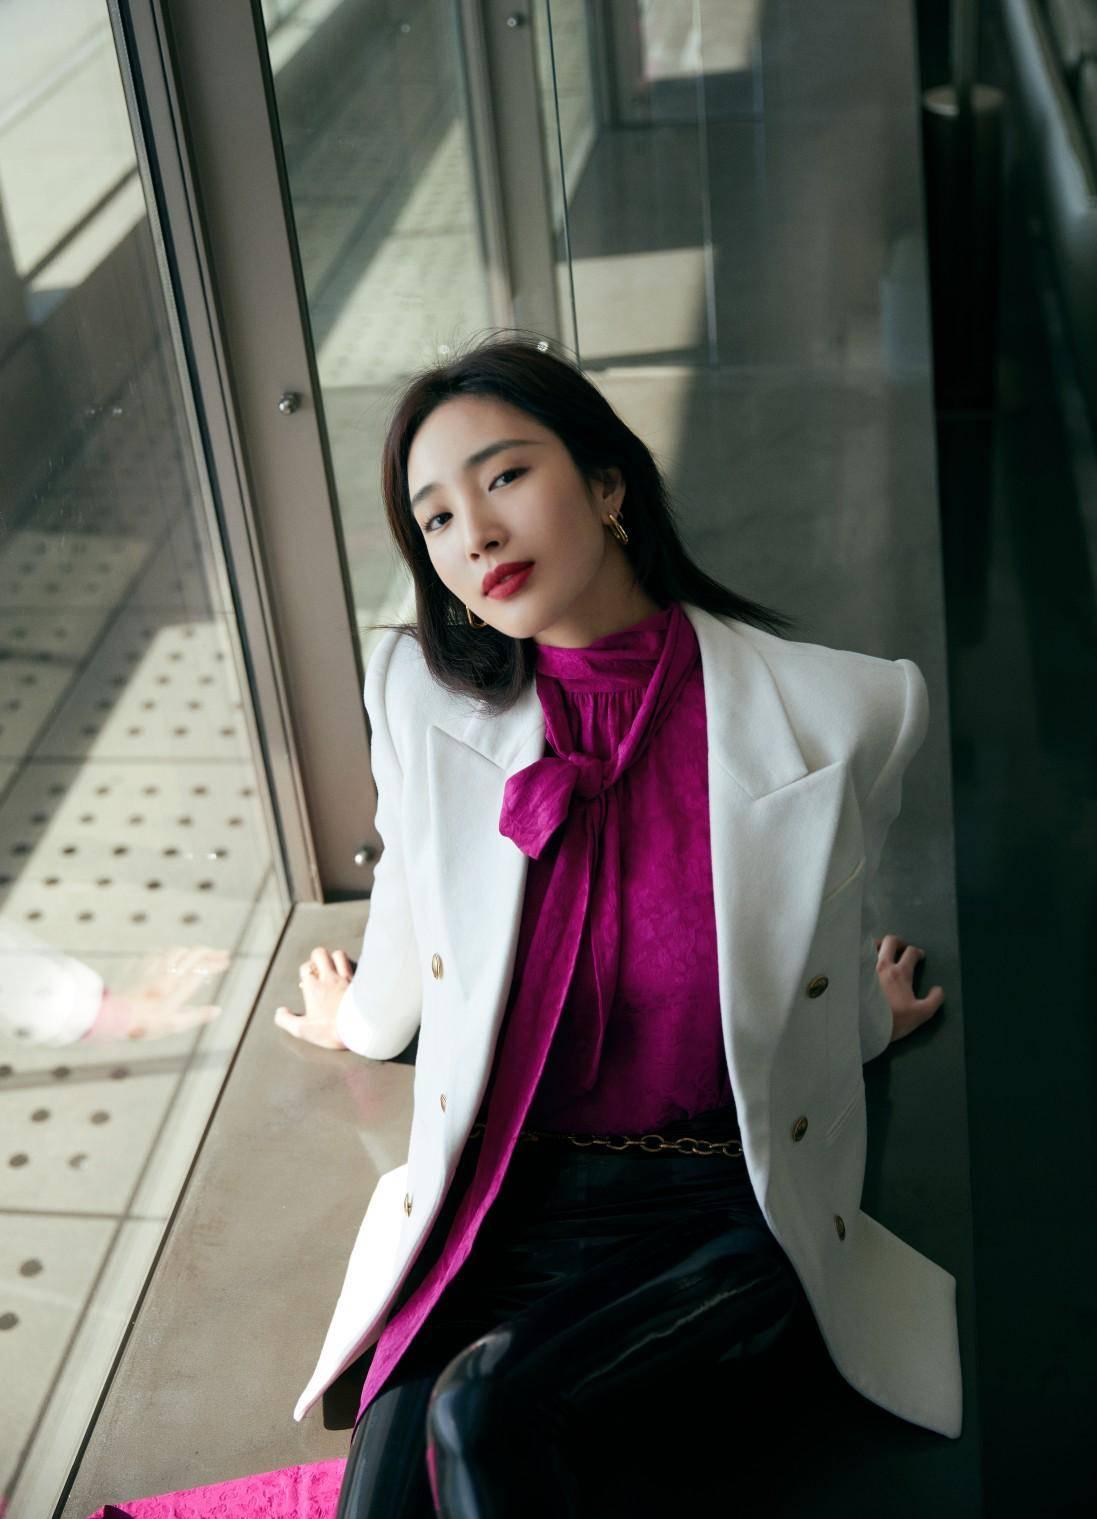 原创             王紫璇白西装配玫红衬衫,干练之余不失妩媚,施展长腿诱惑